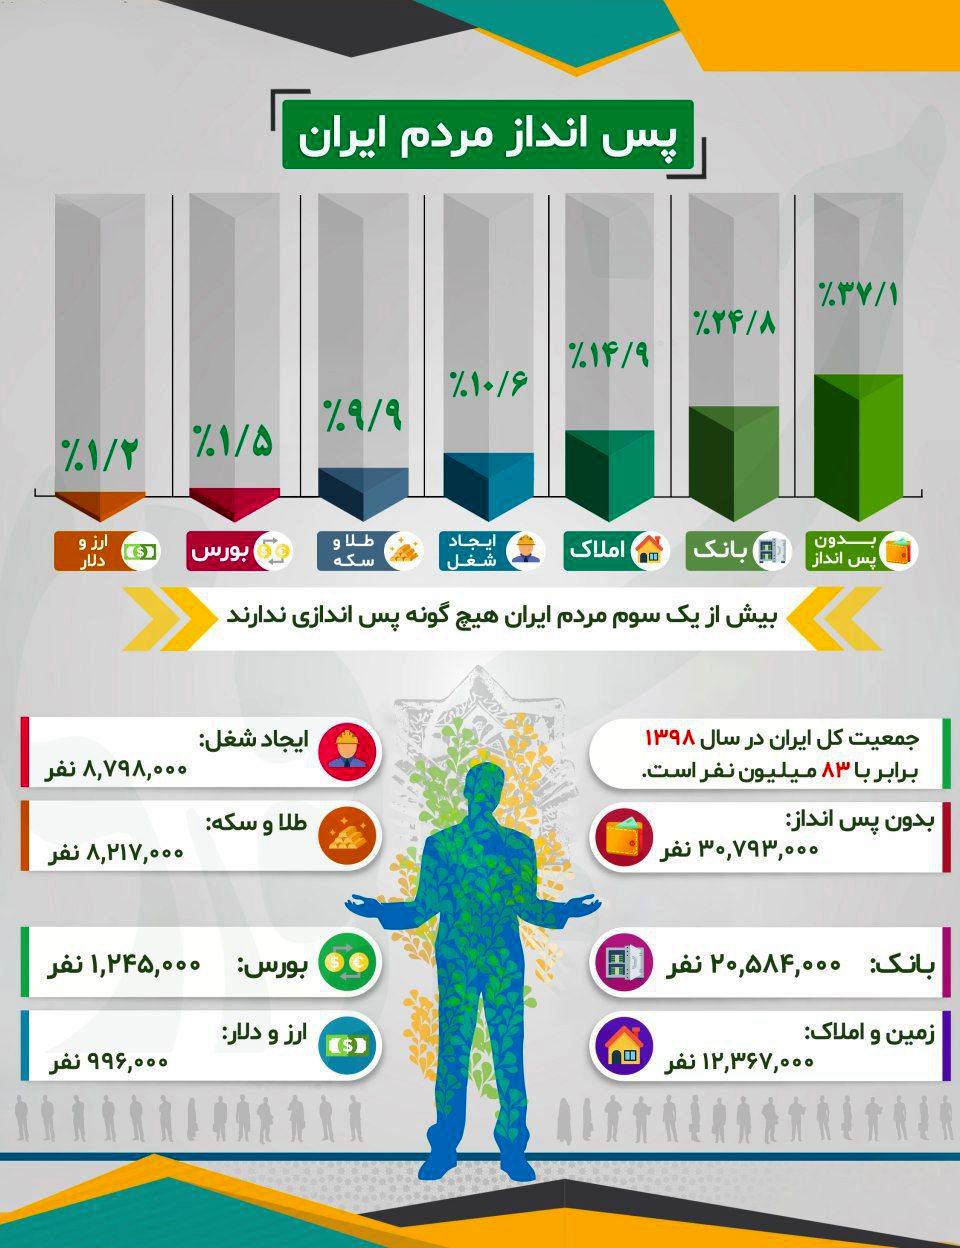 پس اندازهای مردم ایران کجاست؟! +اینفوگرافیک